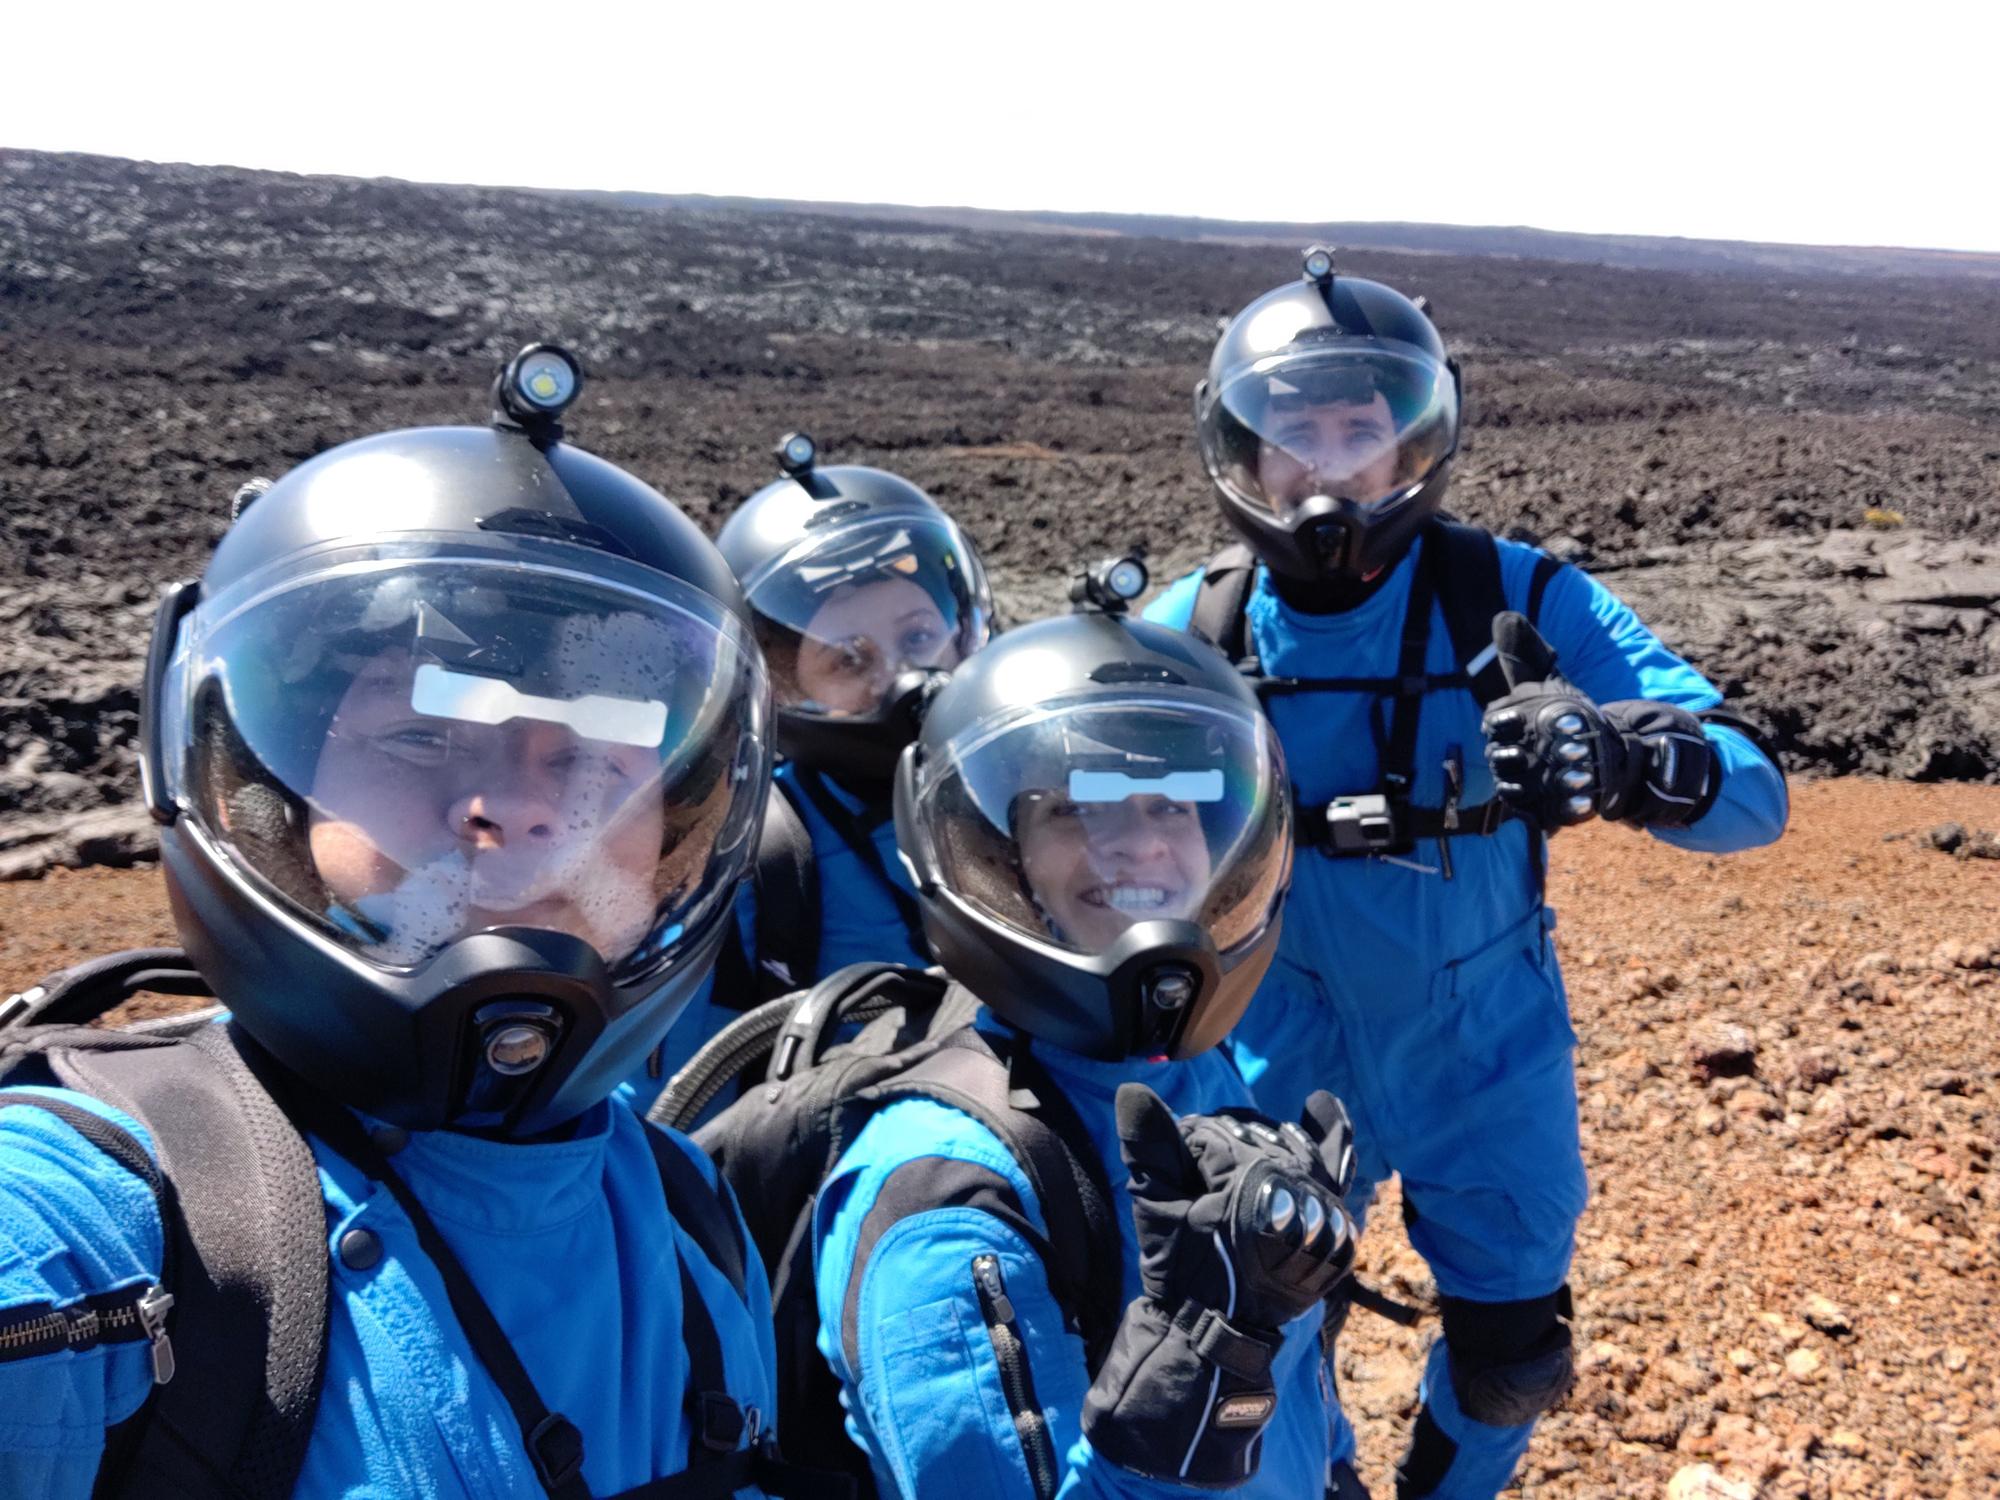 L'équipage de Selene III fait un moonwalk lors de sa mission de simulation lunaire à HI-SEAS.